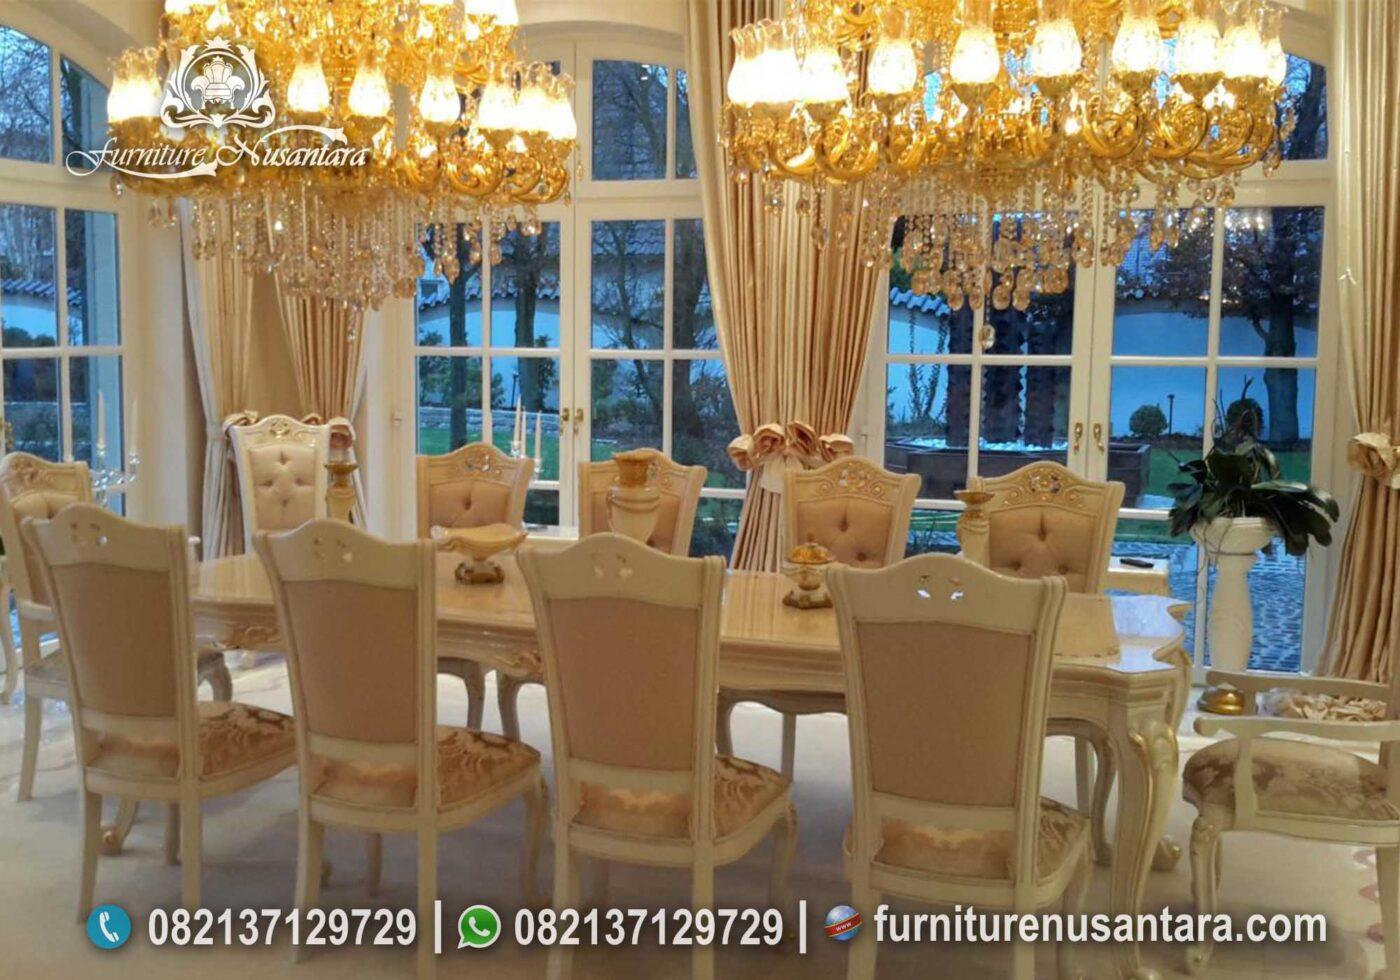 Harga Meja Makan Kayu Jati Termurah MM-11, Furniture Nusantara